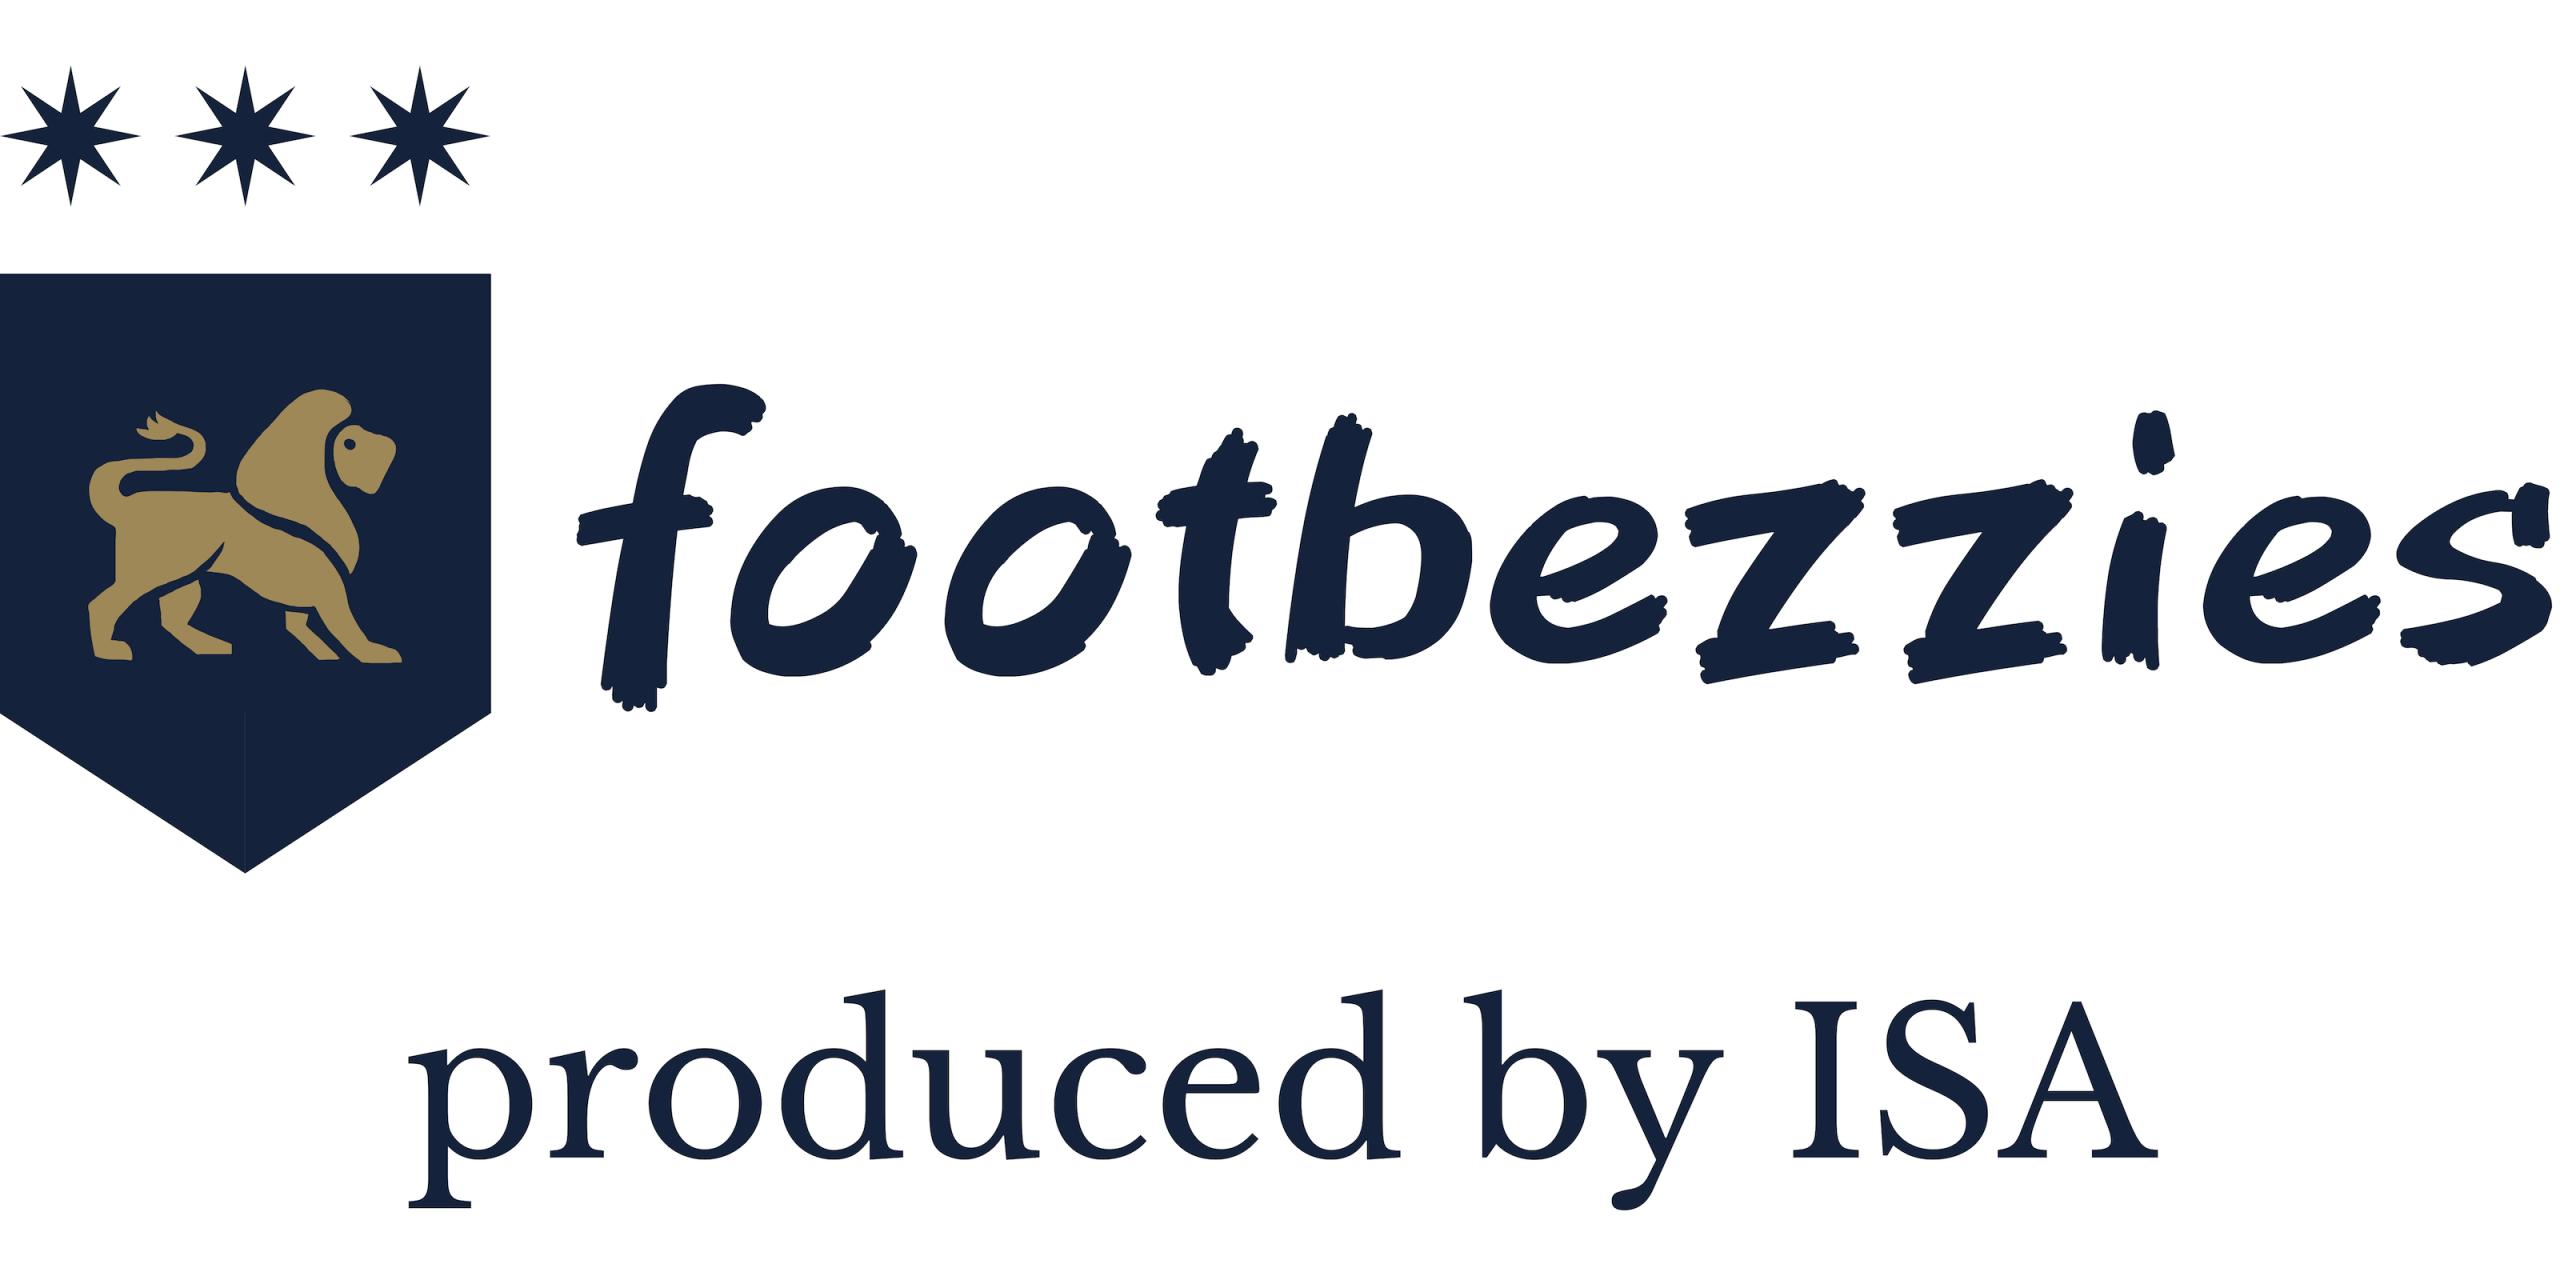 footbezzies | サッカーと生きる~サッカー留学とサッカーの仕事~